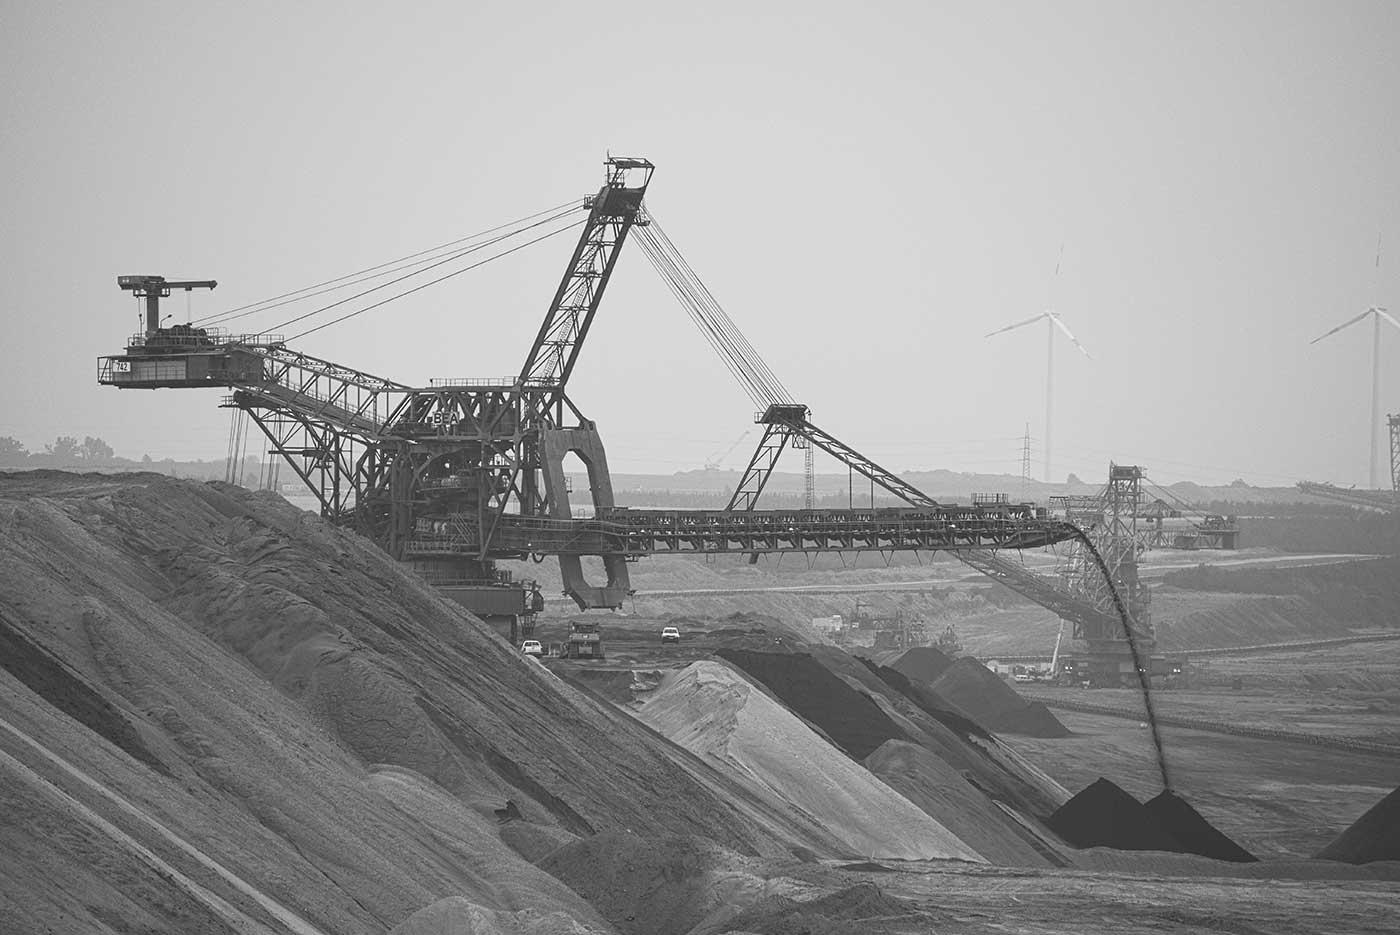 A bucket-wheel excavator at Garzweiler surface mine.